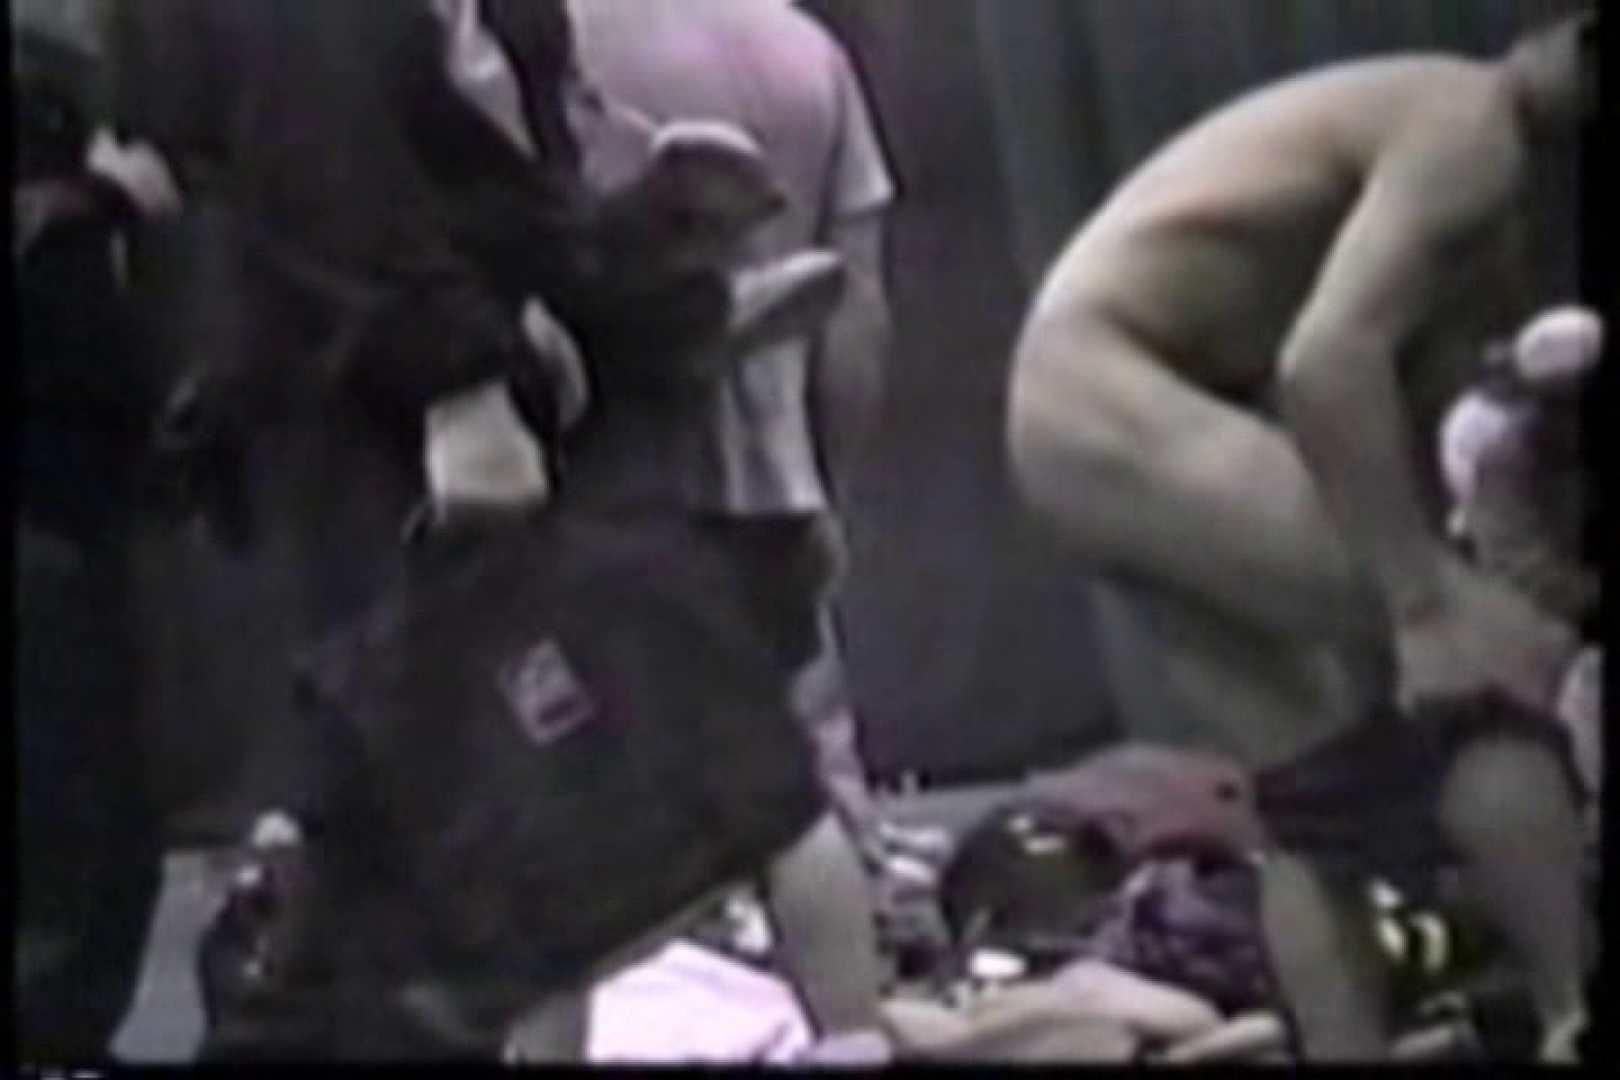 洋人さんの脱衣所を覗いてみました。VOL.6 のぞき Guyエロ画像 22連発 17